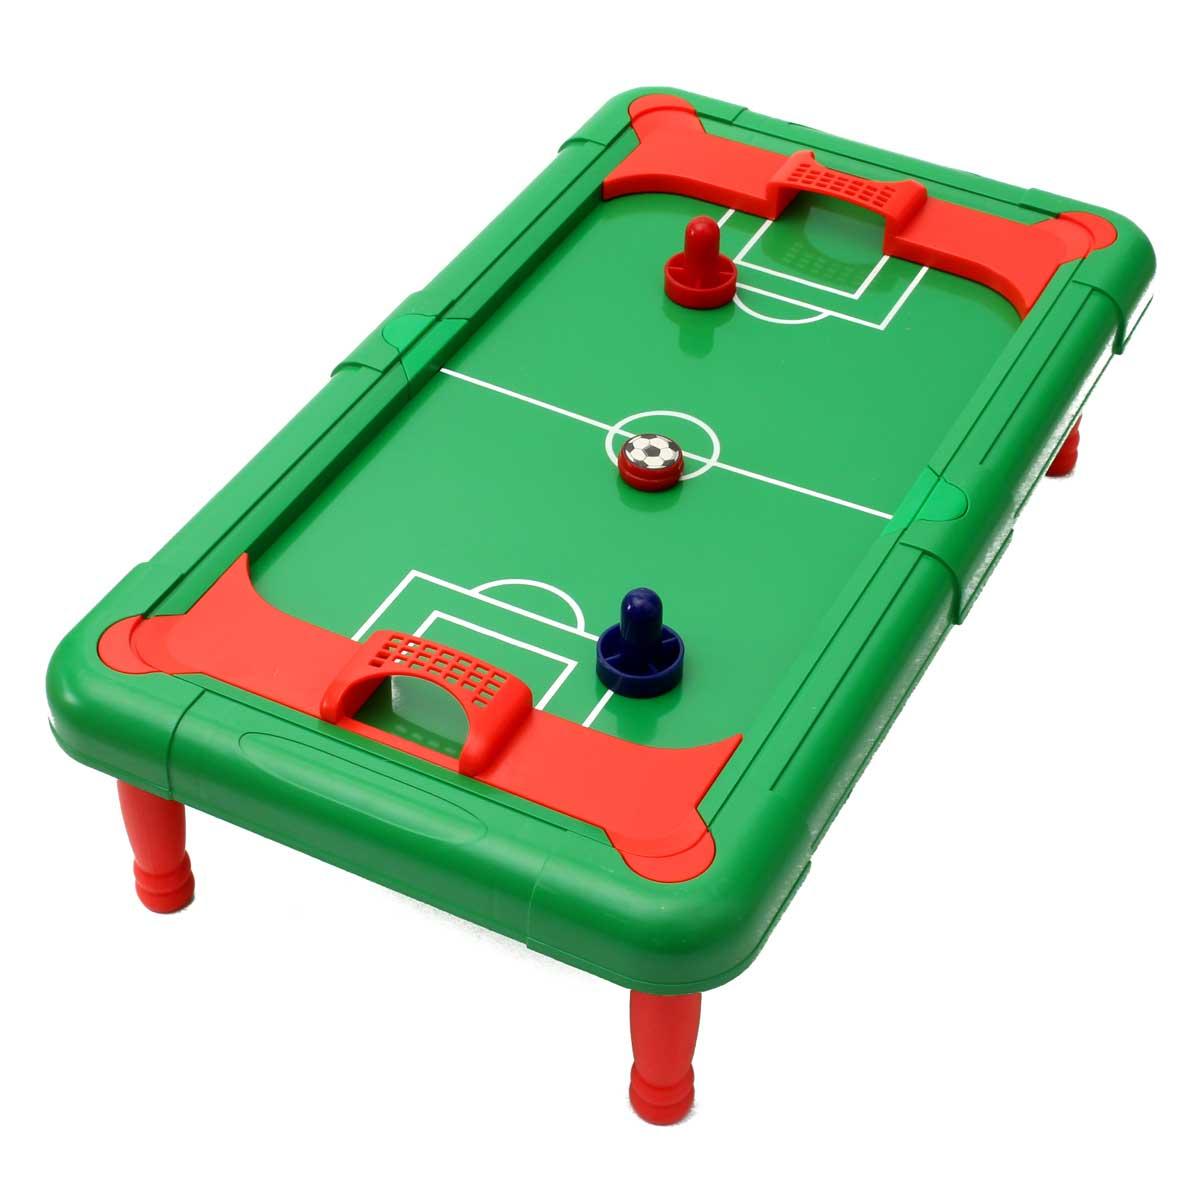 Aliexpress Com Buy G319 Soccer Shooting Custom: Calcio Giochi Di Tiro-Acquista A Poco Prezzo Calcio Giochi